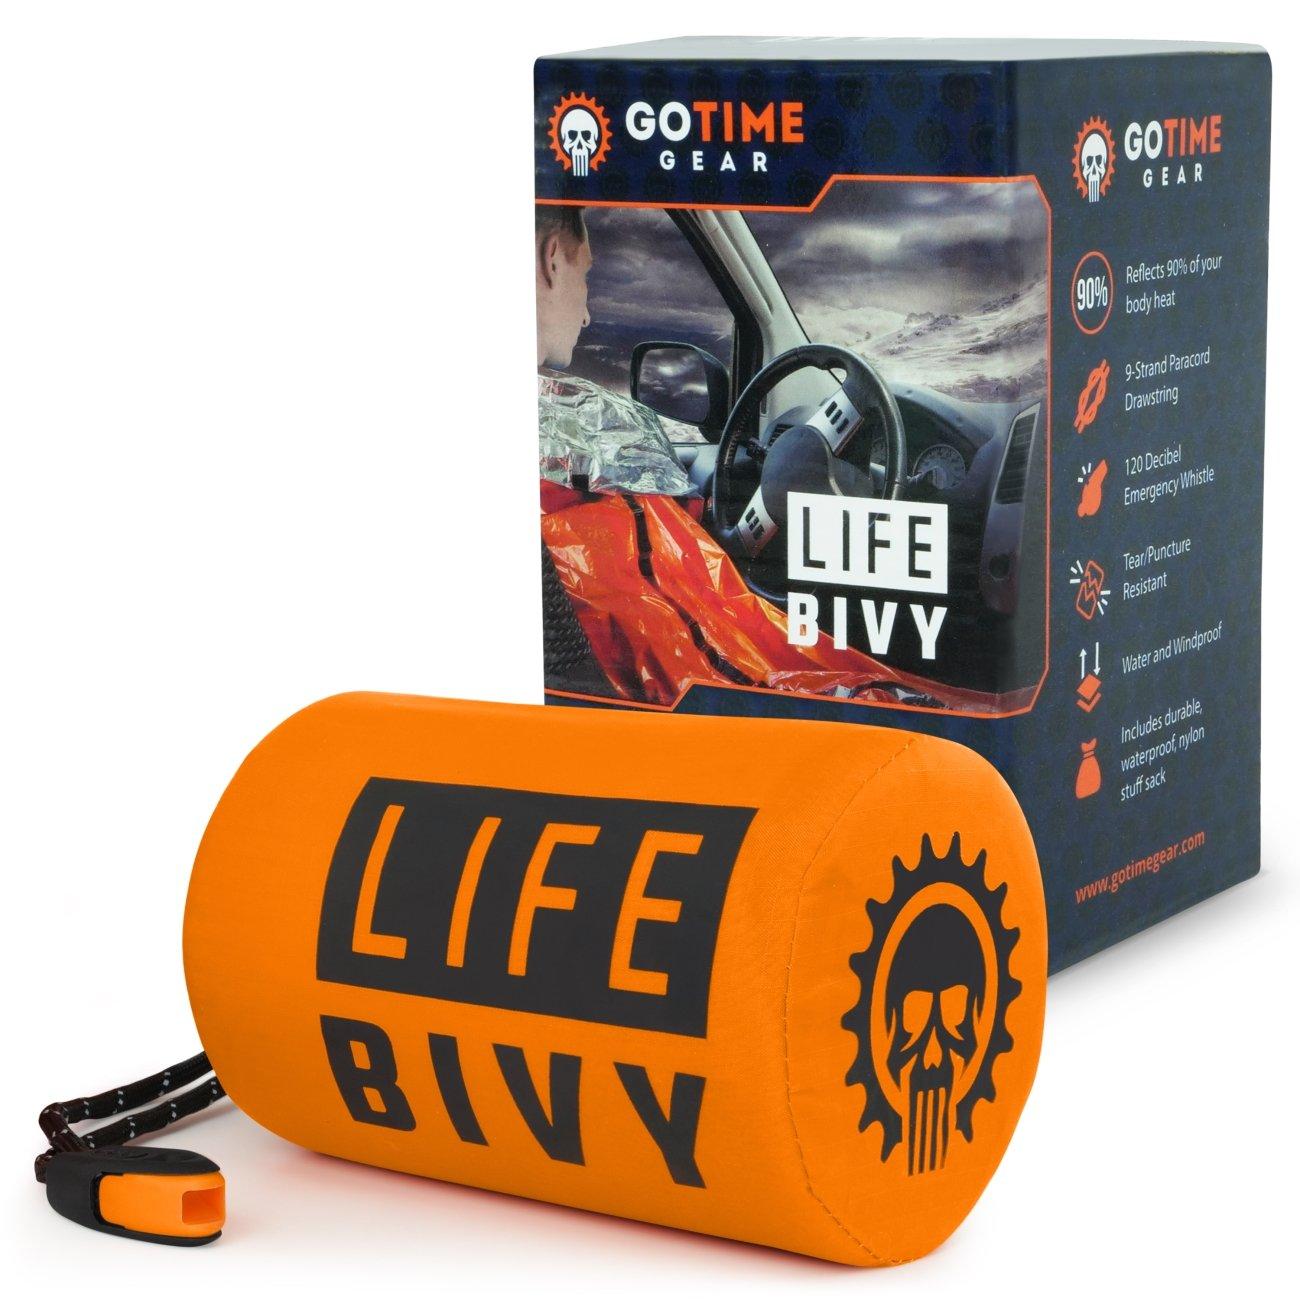 Life Bivy応急処置寝袋Warm Bivvy  - 緊急用Bivyサック、サバイバル寝袋、フィルム、応急処置キットとして使用 - サバイバルホイッスル付きナイロンバックパック+傘ロープロープ